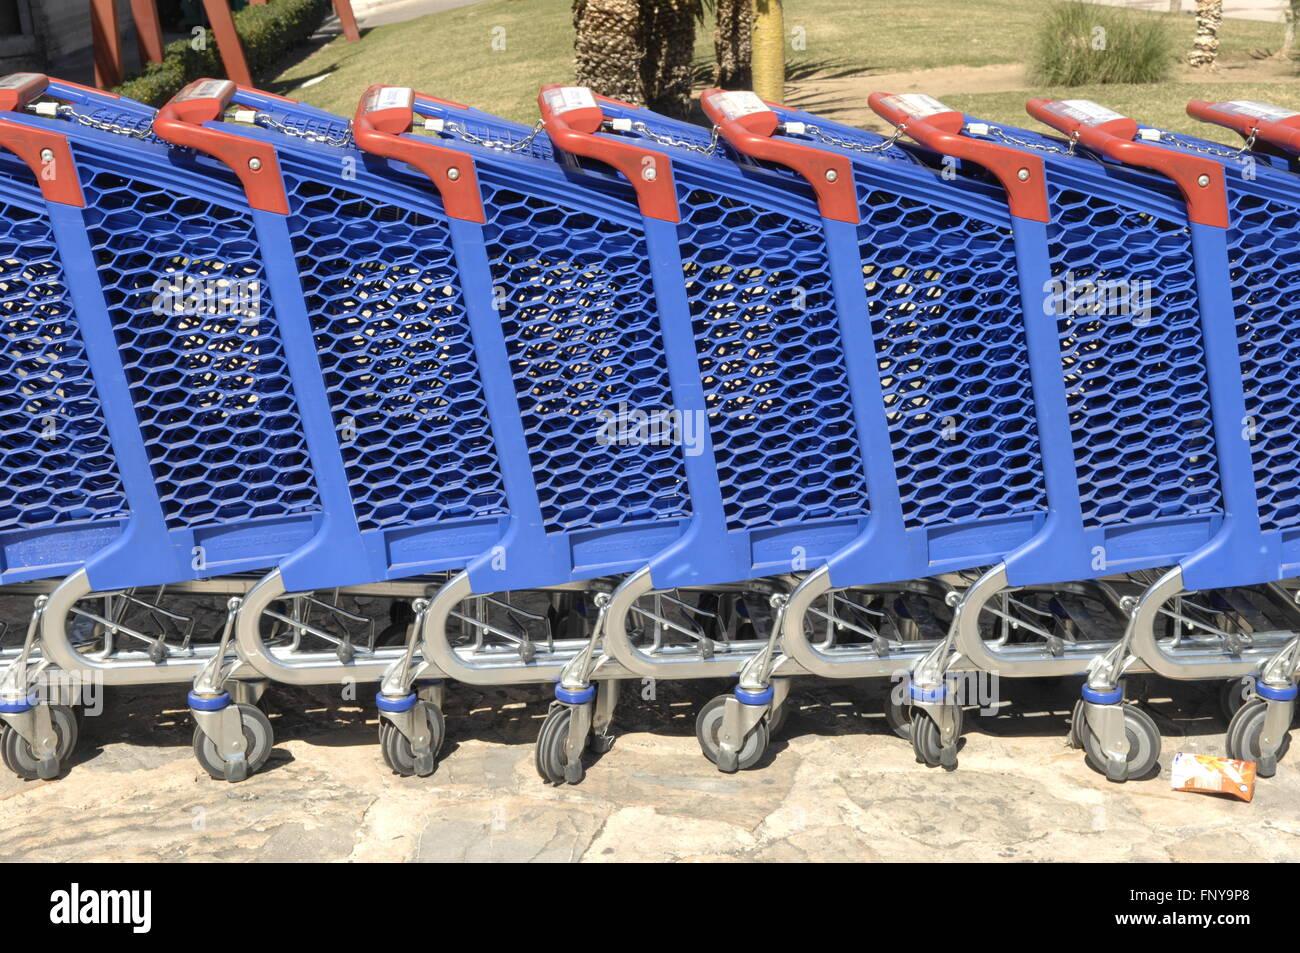 https www alamyimages fr photo image chariot de supermarche carrefour a l exterieur de l entree a malaga en espagne 99560000 html